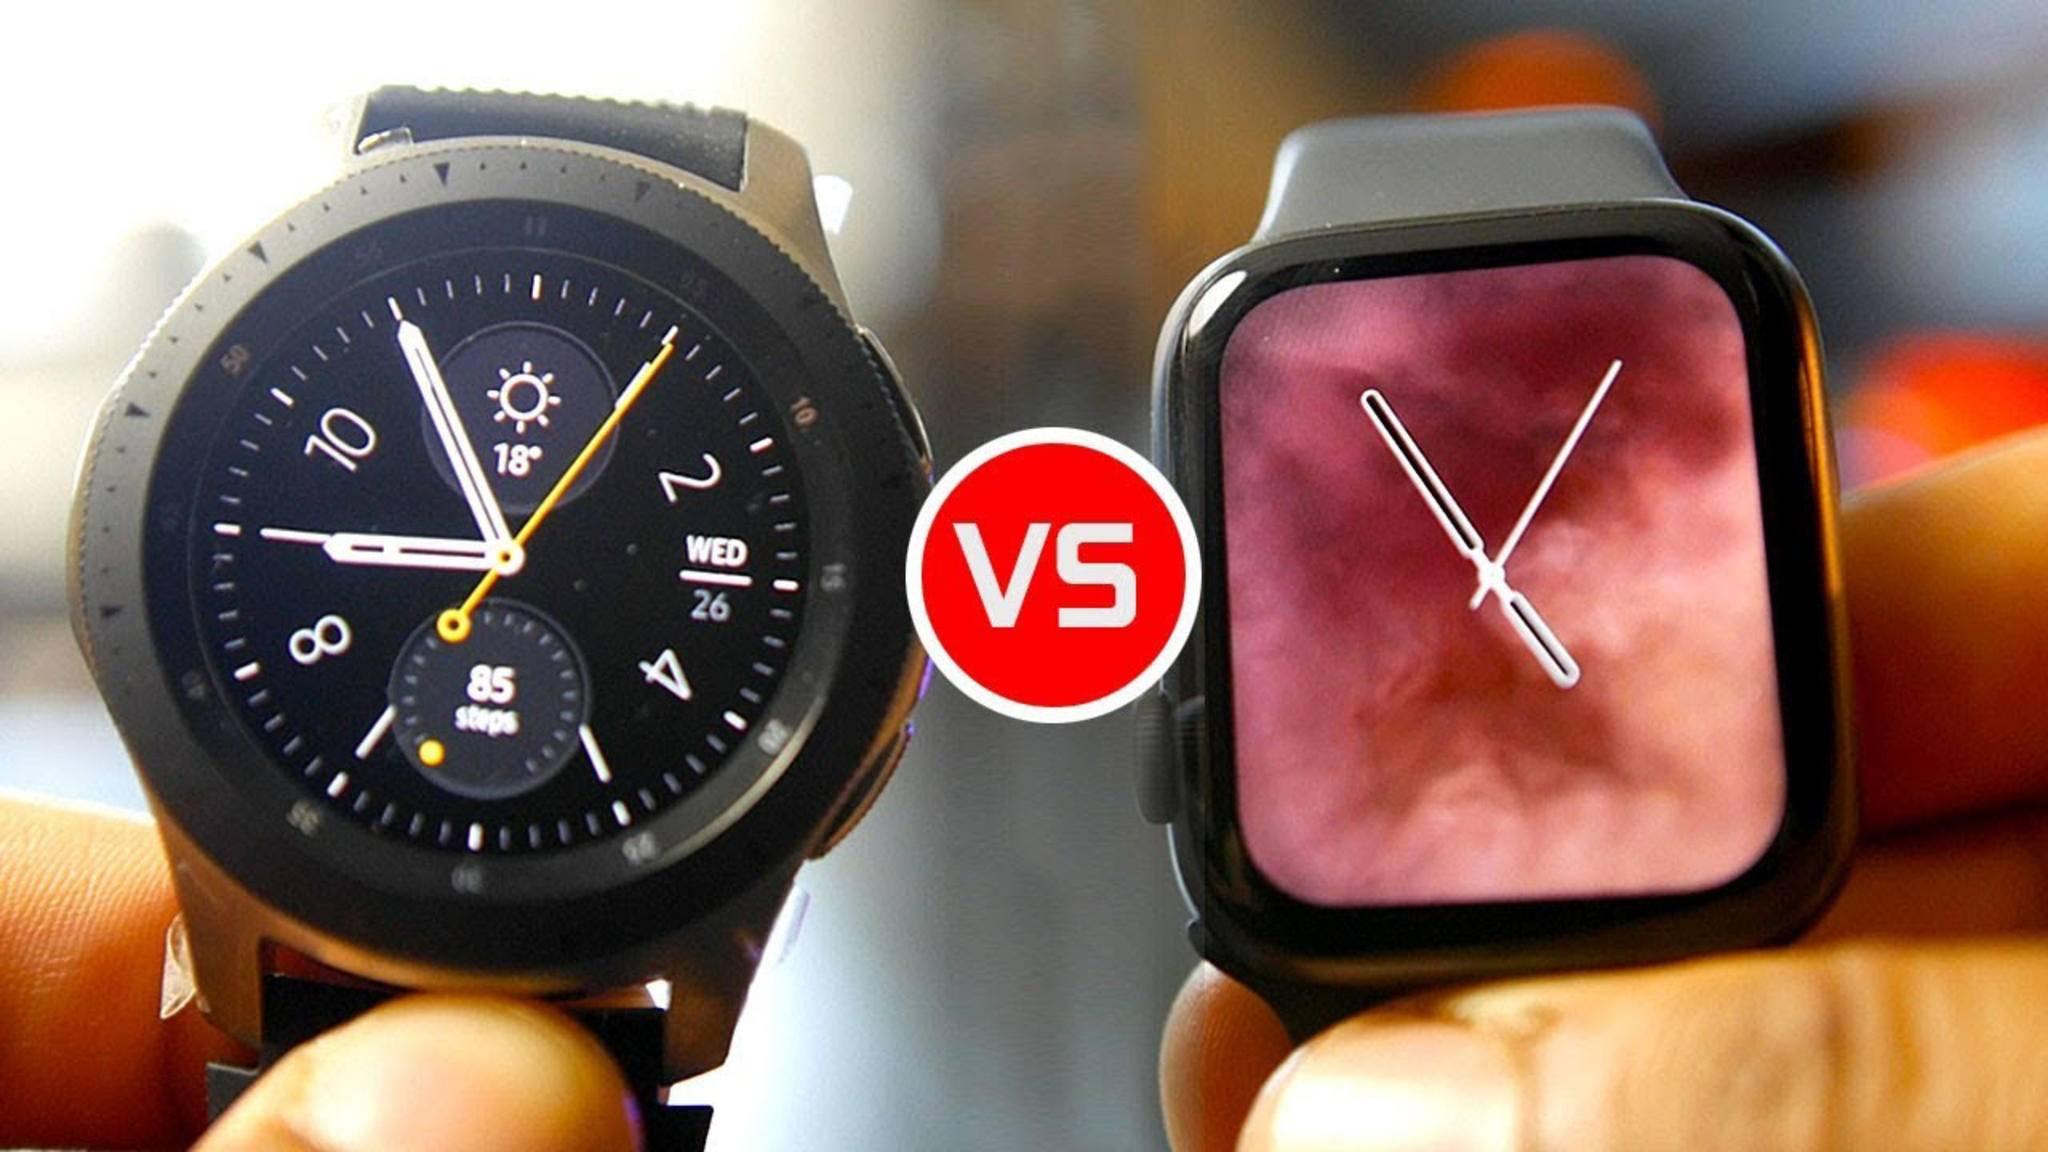 Galaxy Watch oder Apple Watch 4: Welche ist besser?